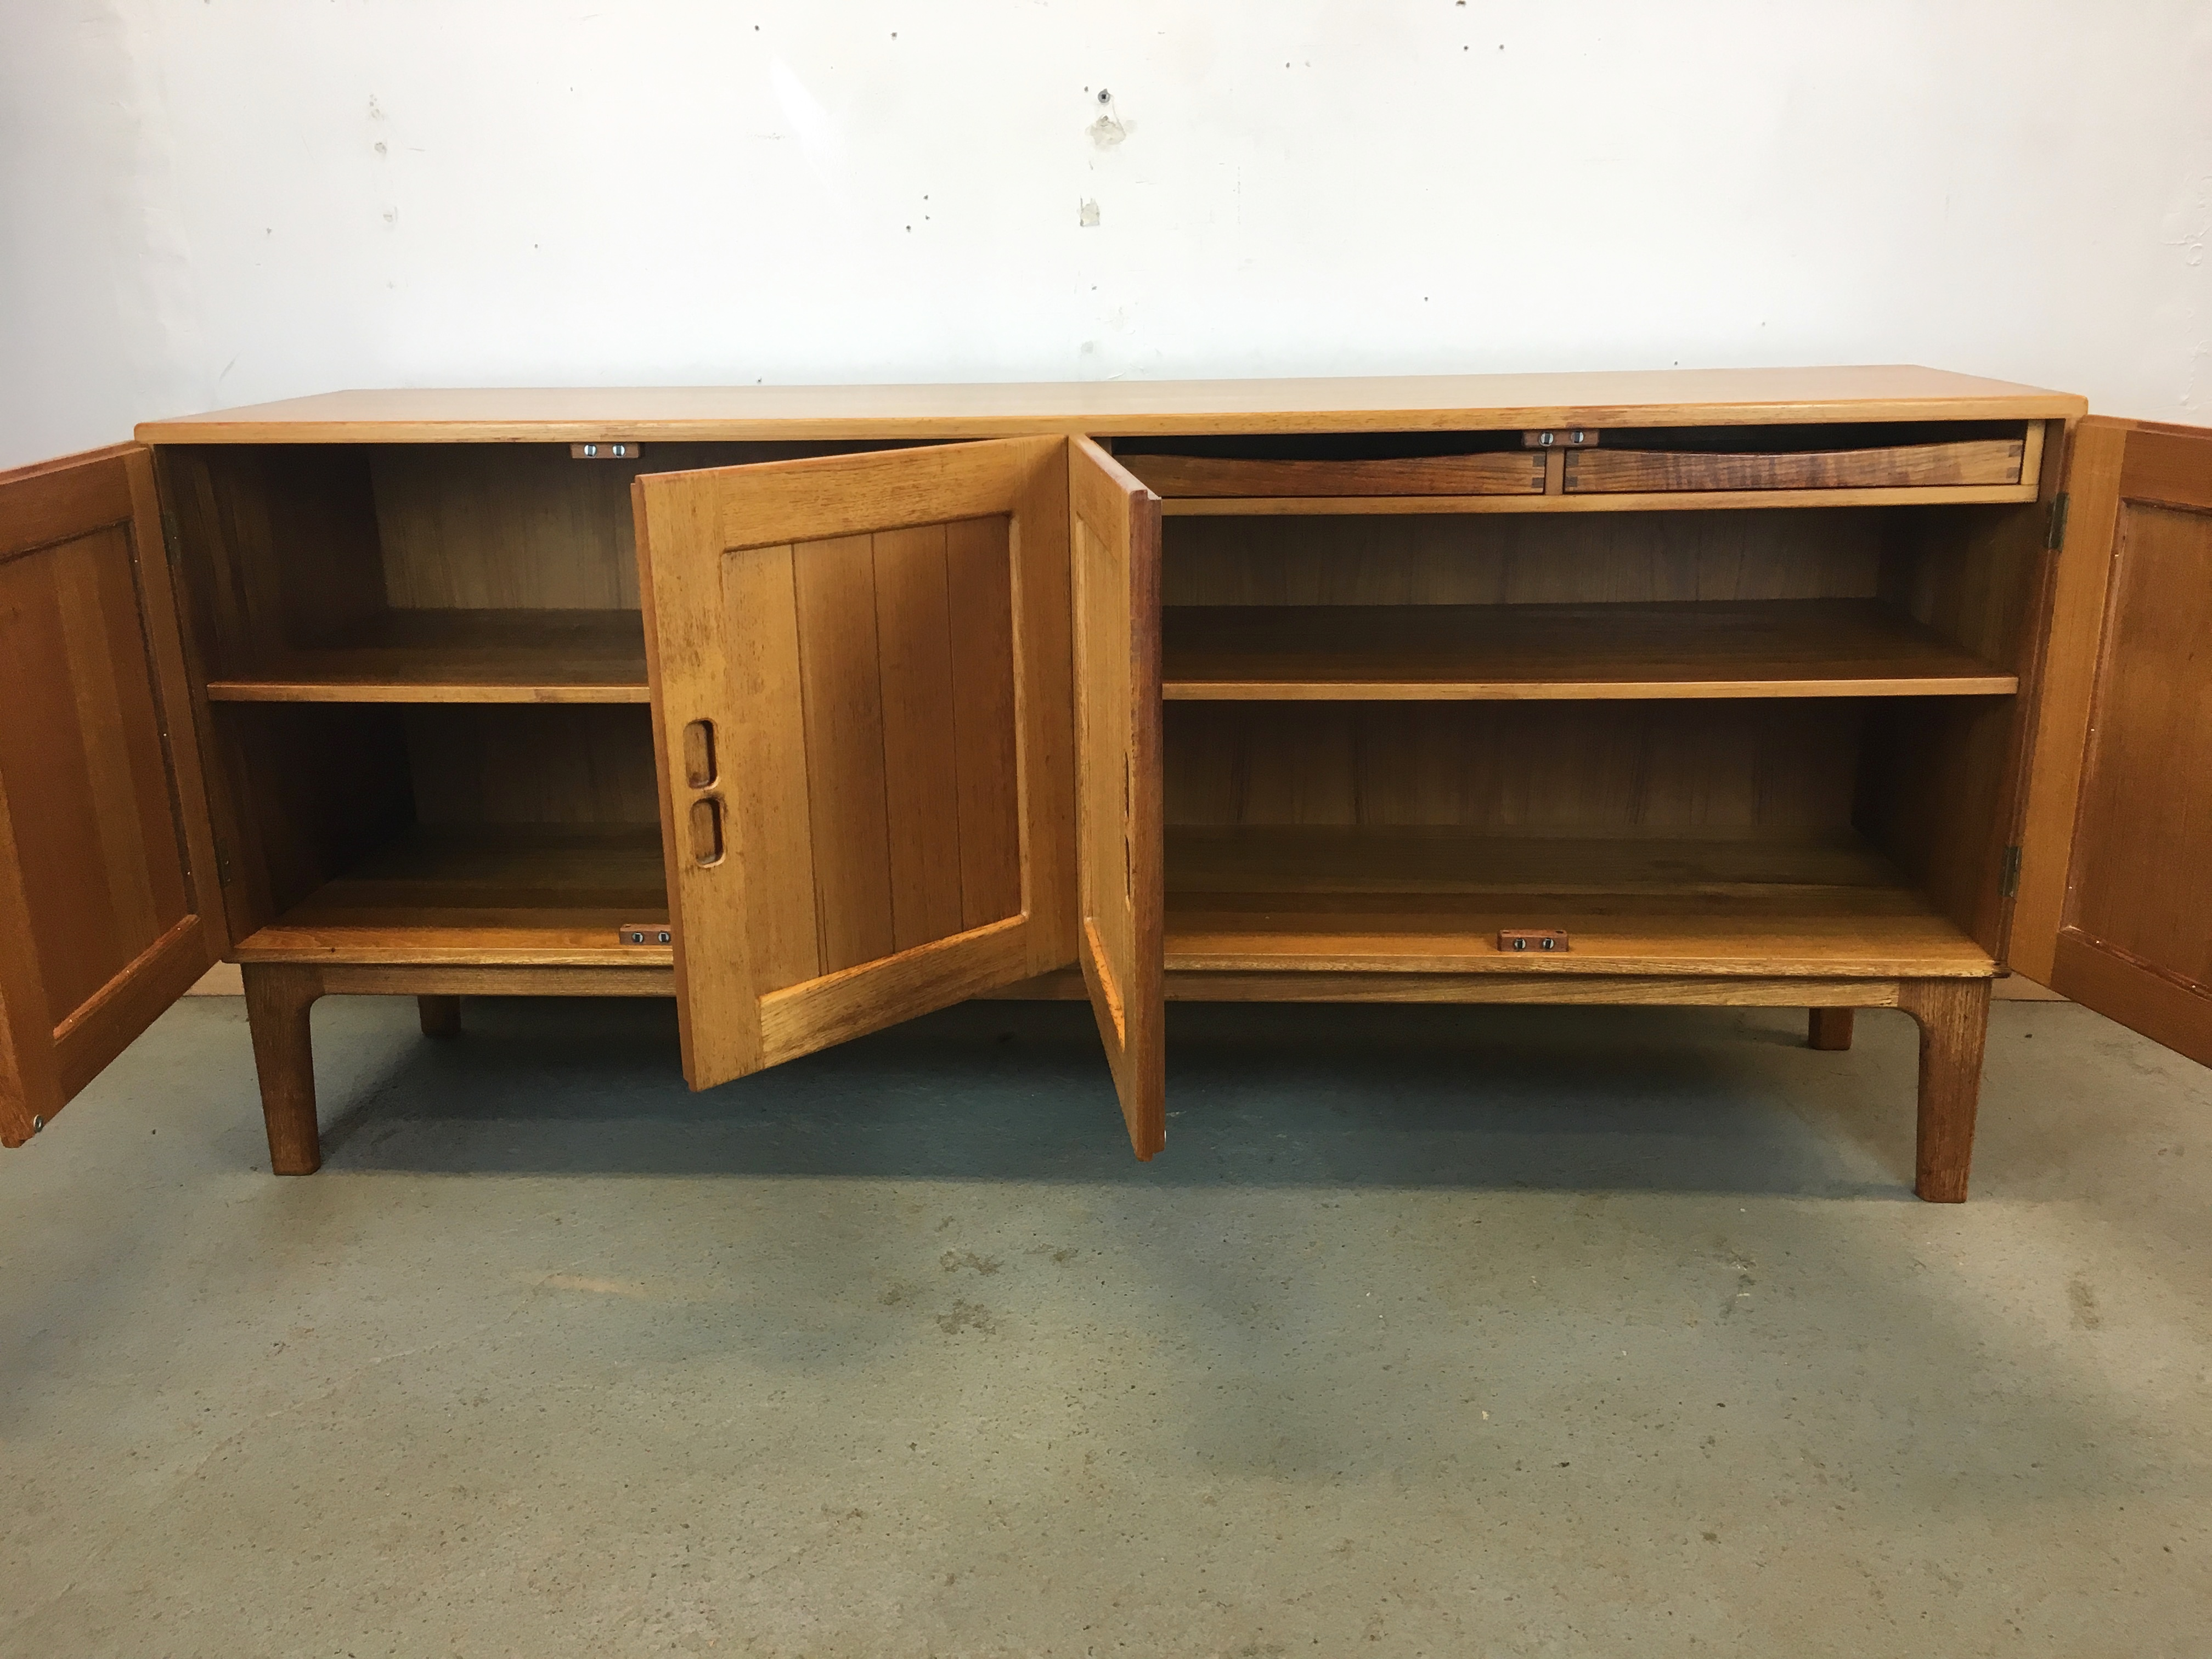 enfilade bahut scandinave ann e 60 sideboard danish. Black Bedroom Furniture Sets. Home Design Ideas